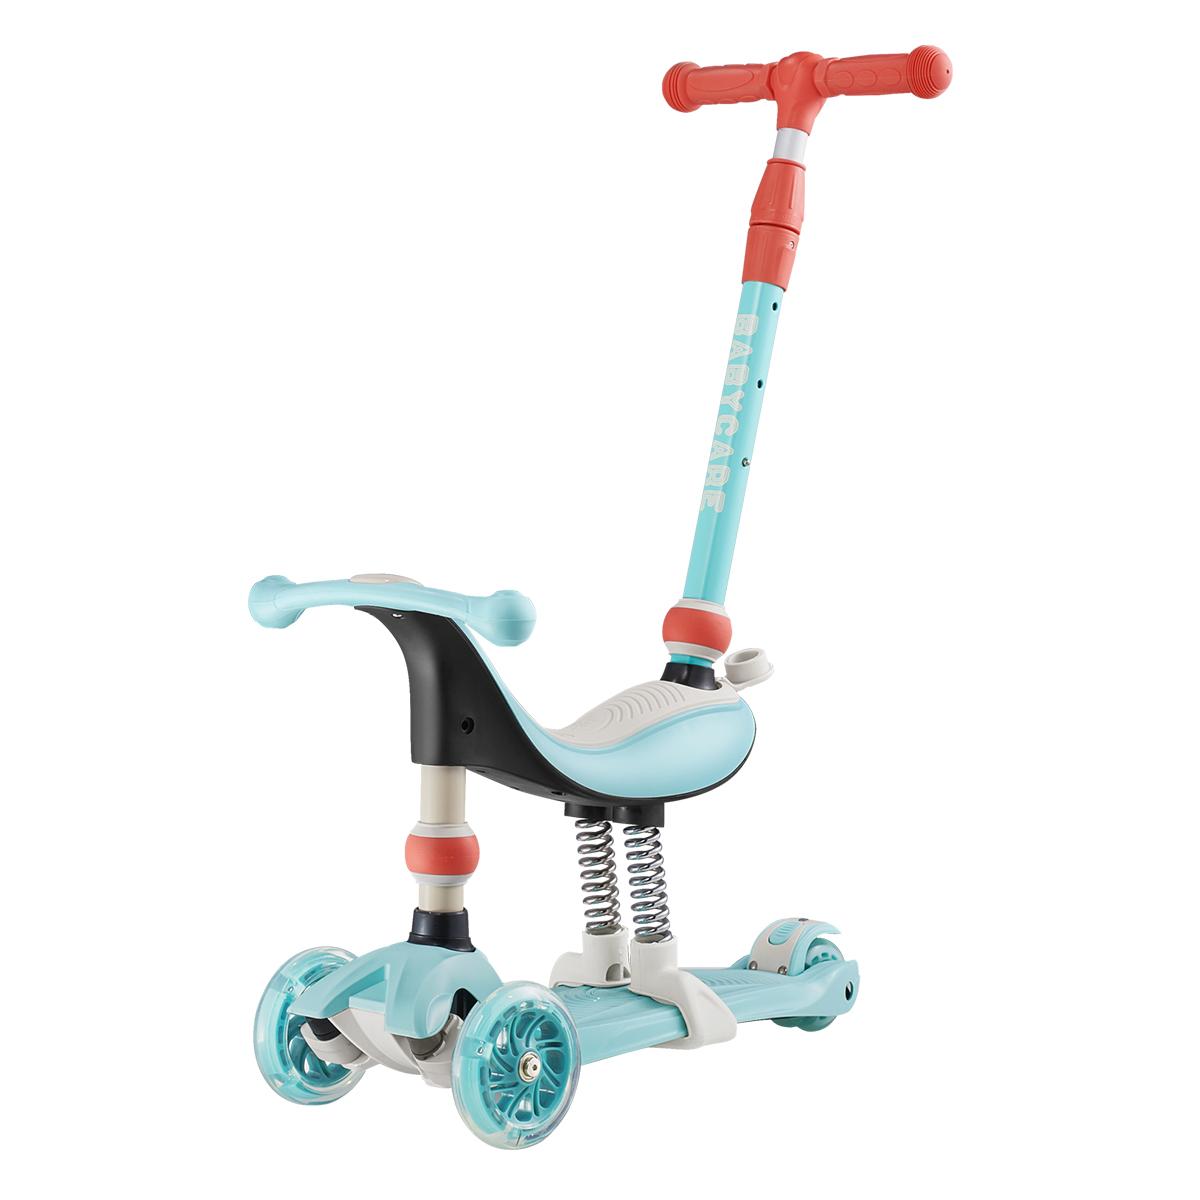 溜溜车自营babycare单脚踏儿童滑板车